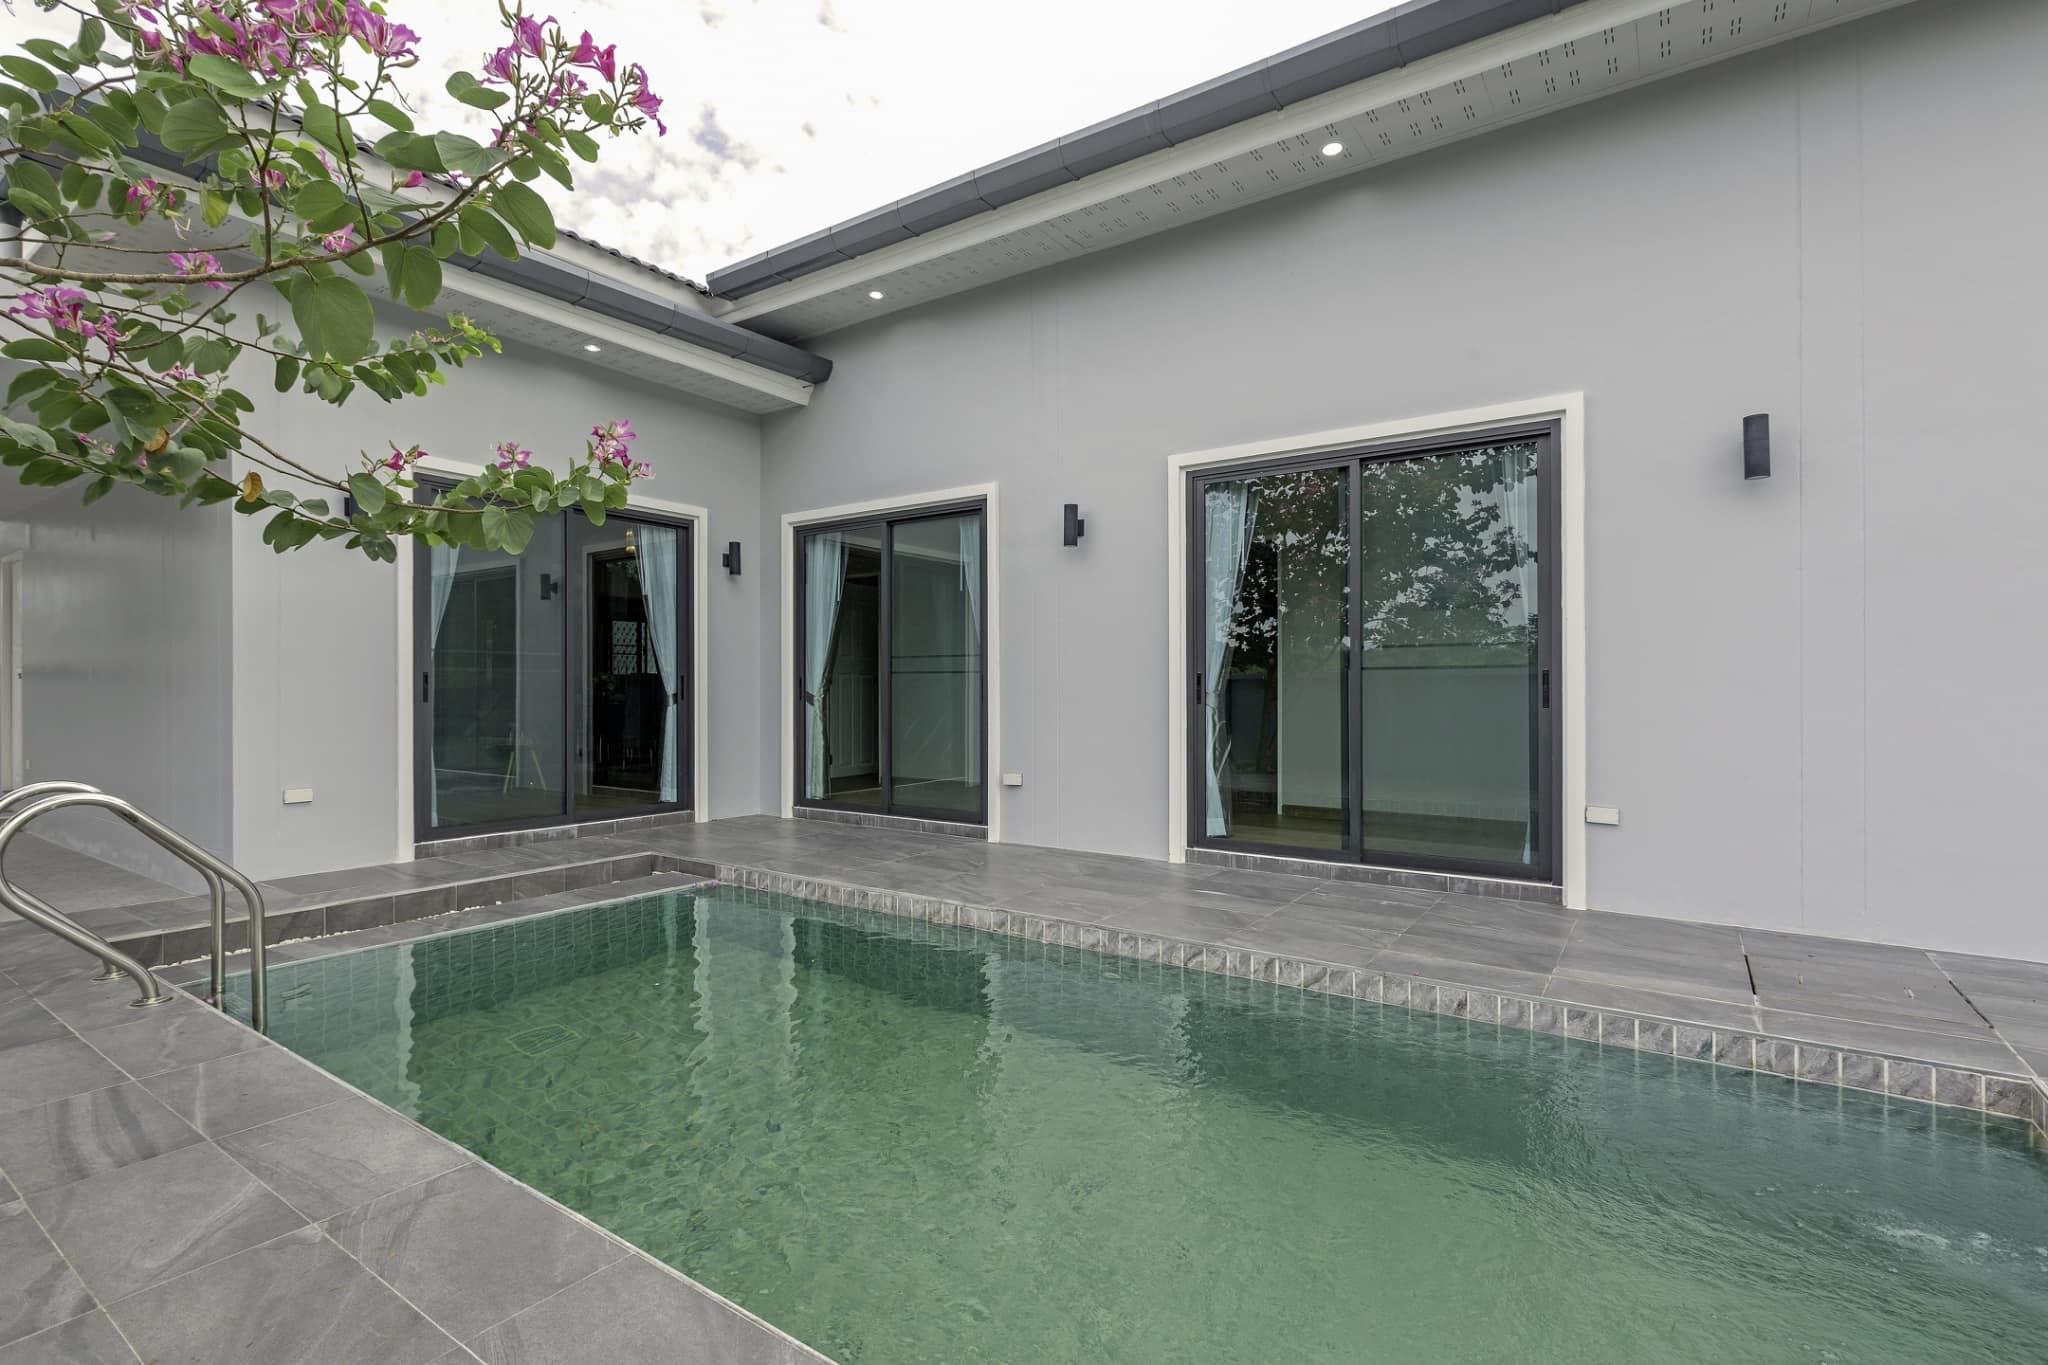 Luxury Pool Villa in Koh-Keaw (ID: KOH-021)